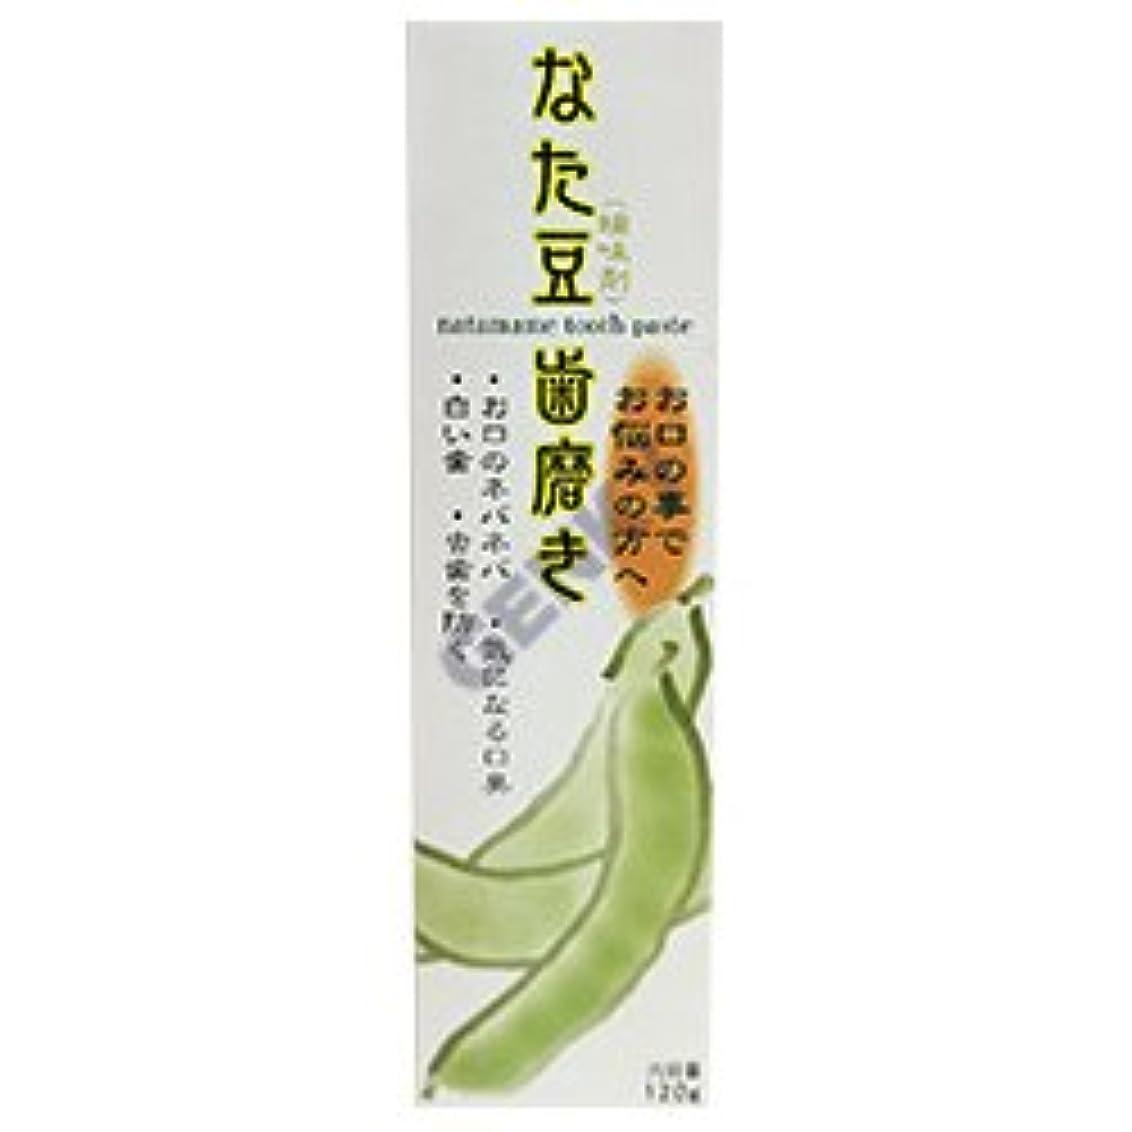 クレデンシャルペストリーしなやかな【モルゲンロート】なた豆歯磨き 120g ×3個セット